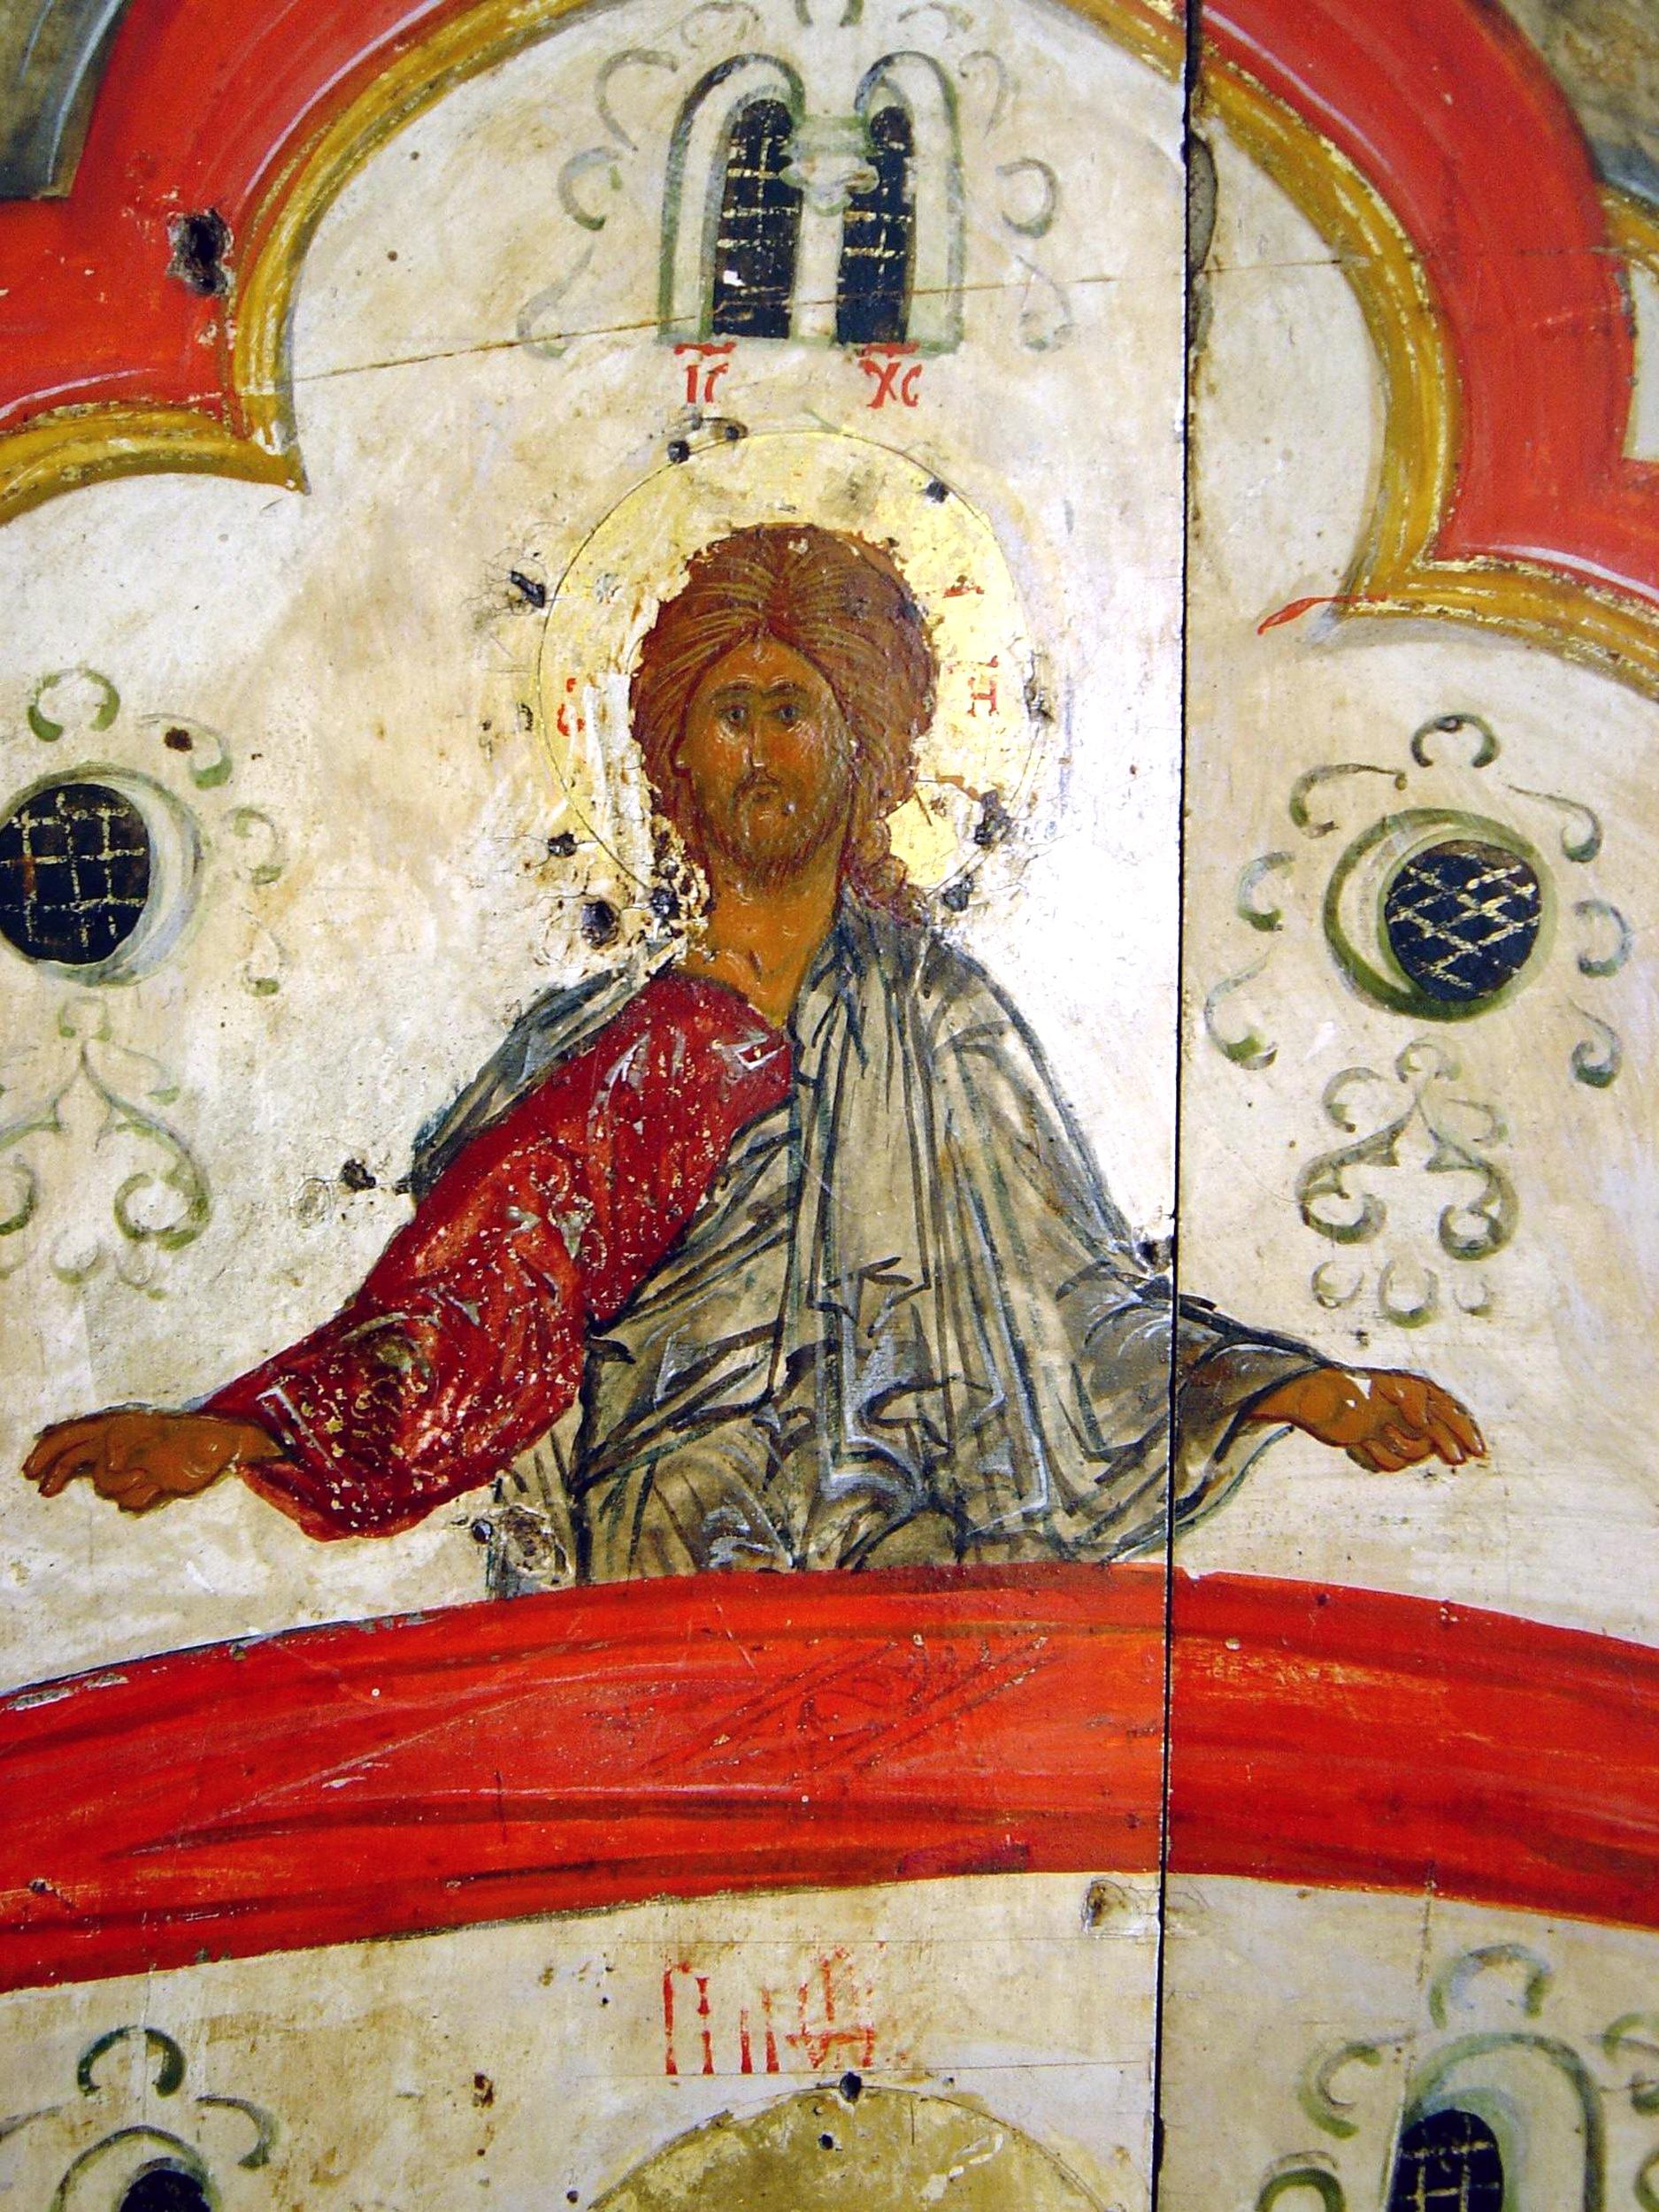 Покров Пресвятой Богородицы. Икона XVI века. Фрагмент. Благословляющий Христос.